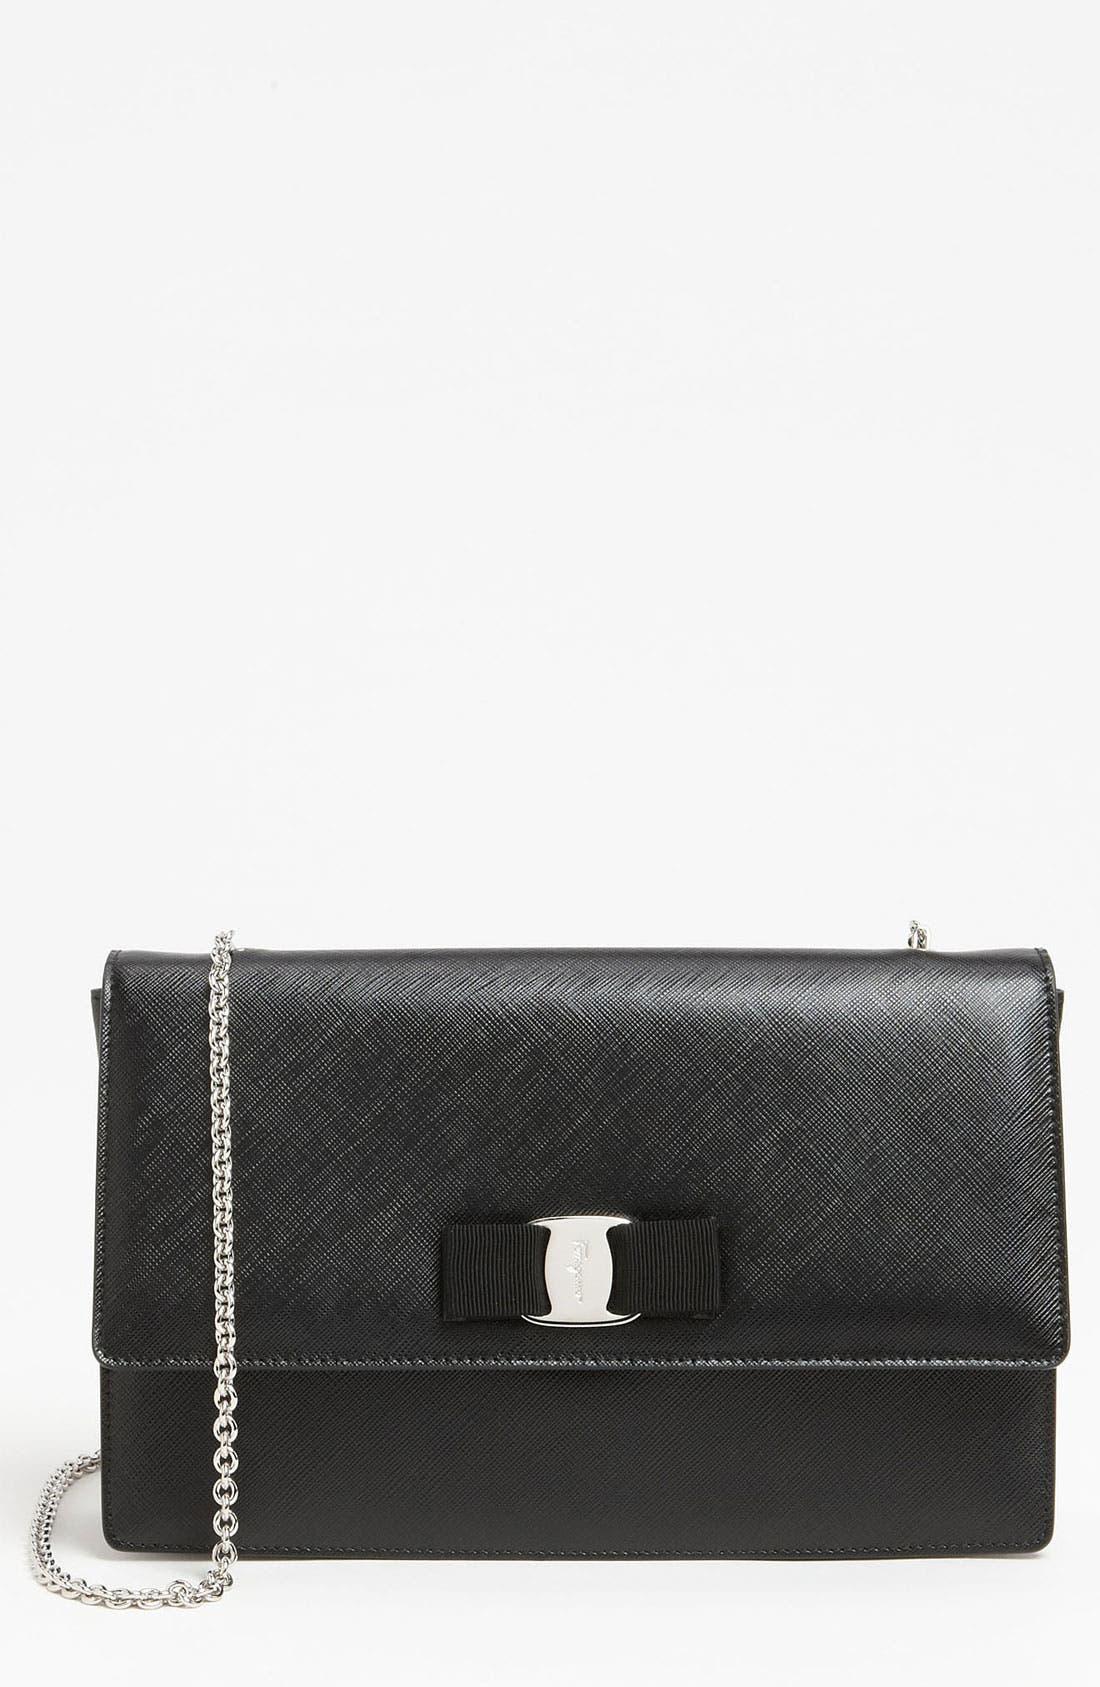 Alternate Image 1 Selected - Salvatore Ferragamo 'Jimmy' Leather Shoulder Bag